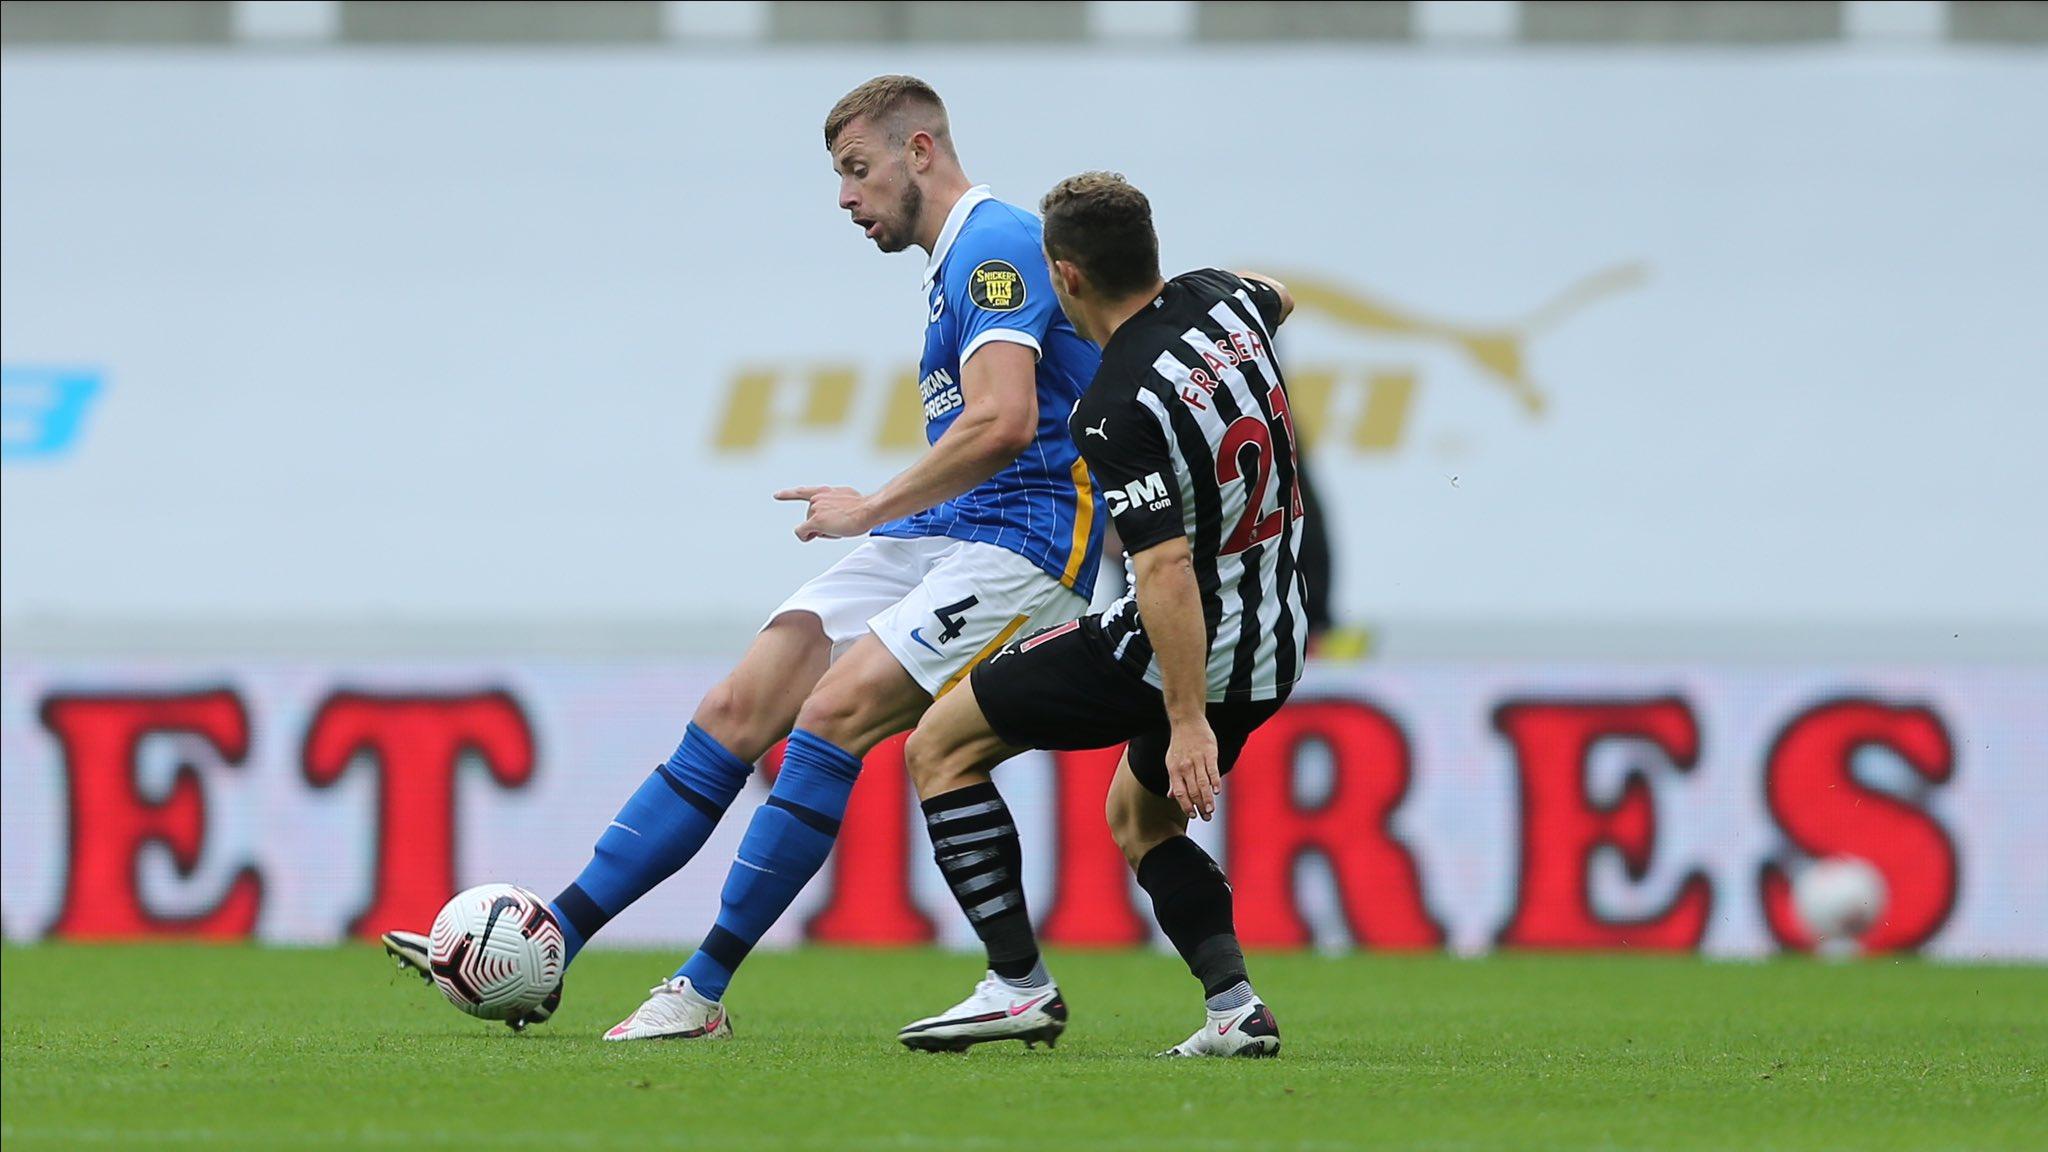 Il Brighton conquista i suoi primi tre punti in Premier League